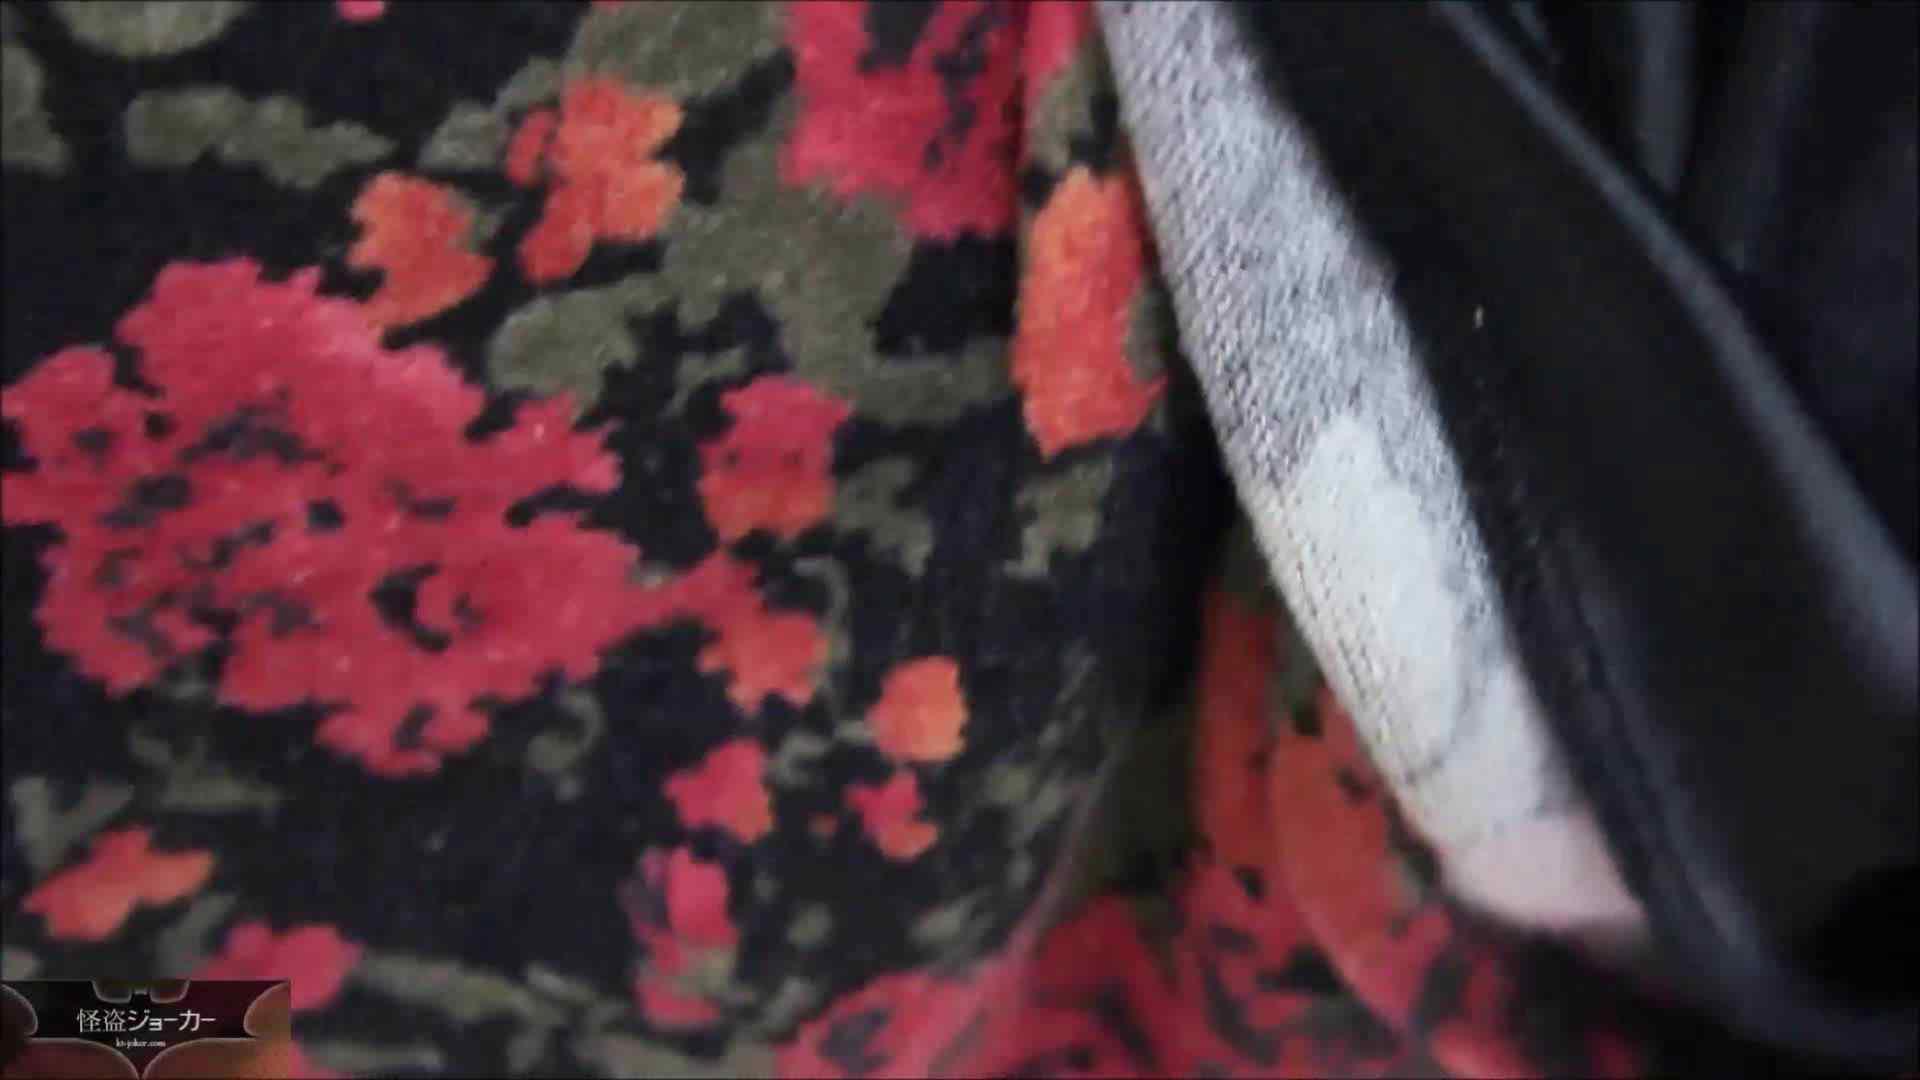 【未公開】vol.2 妻の友人、美里さん・・・晩酌の後、人妻の体を。 OLの実態 盗撮われめAV動画紹介 98pic 46